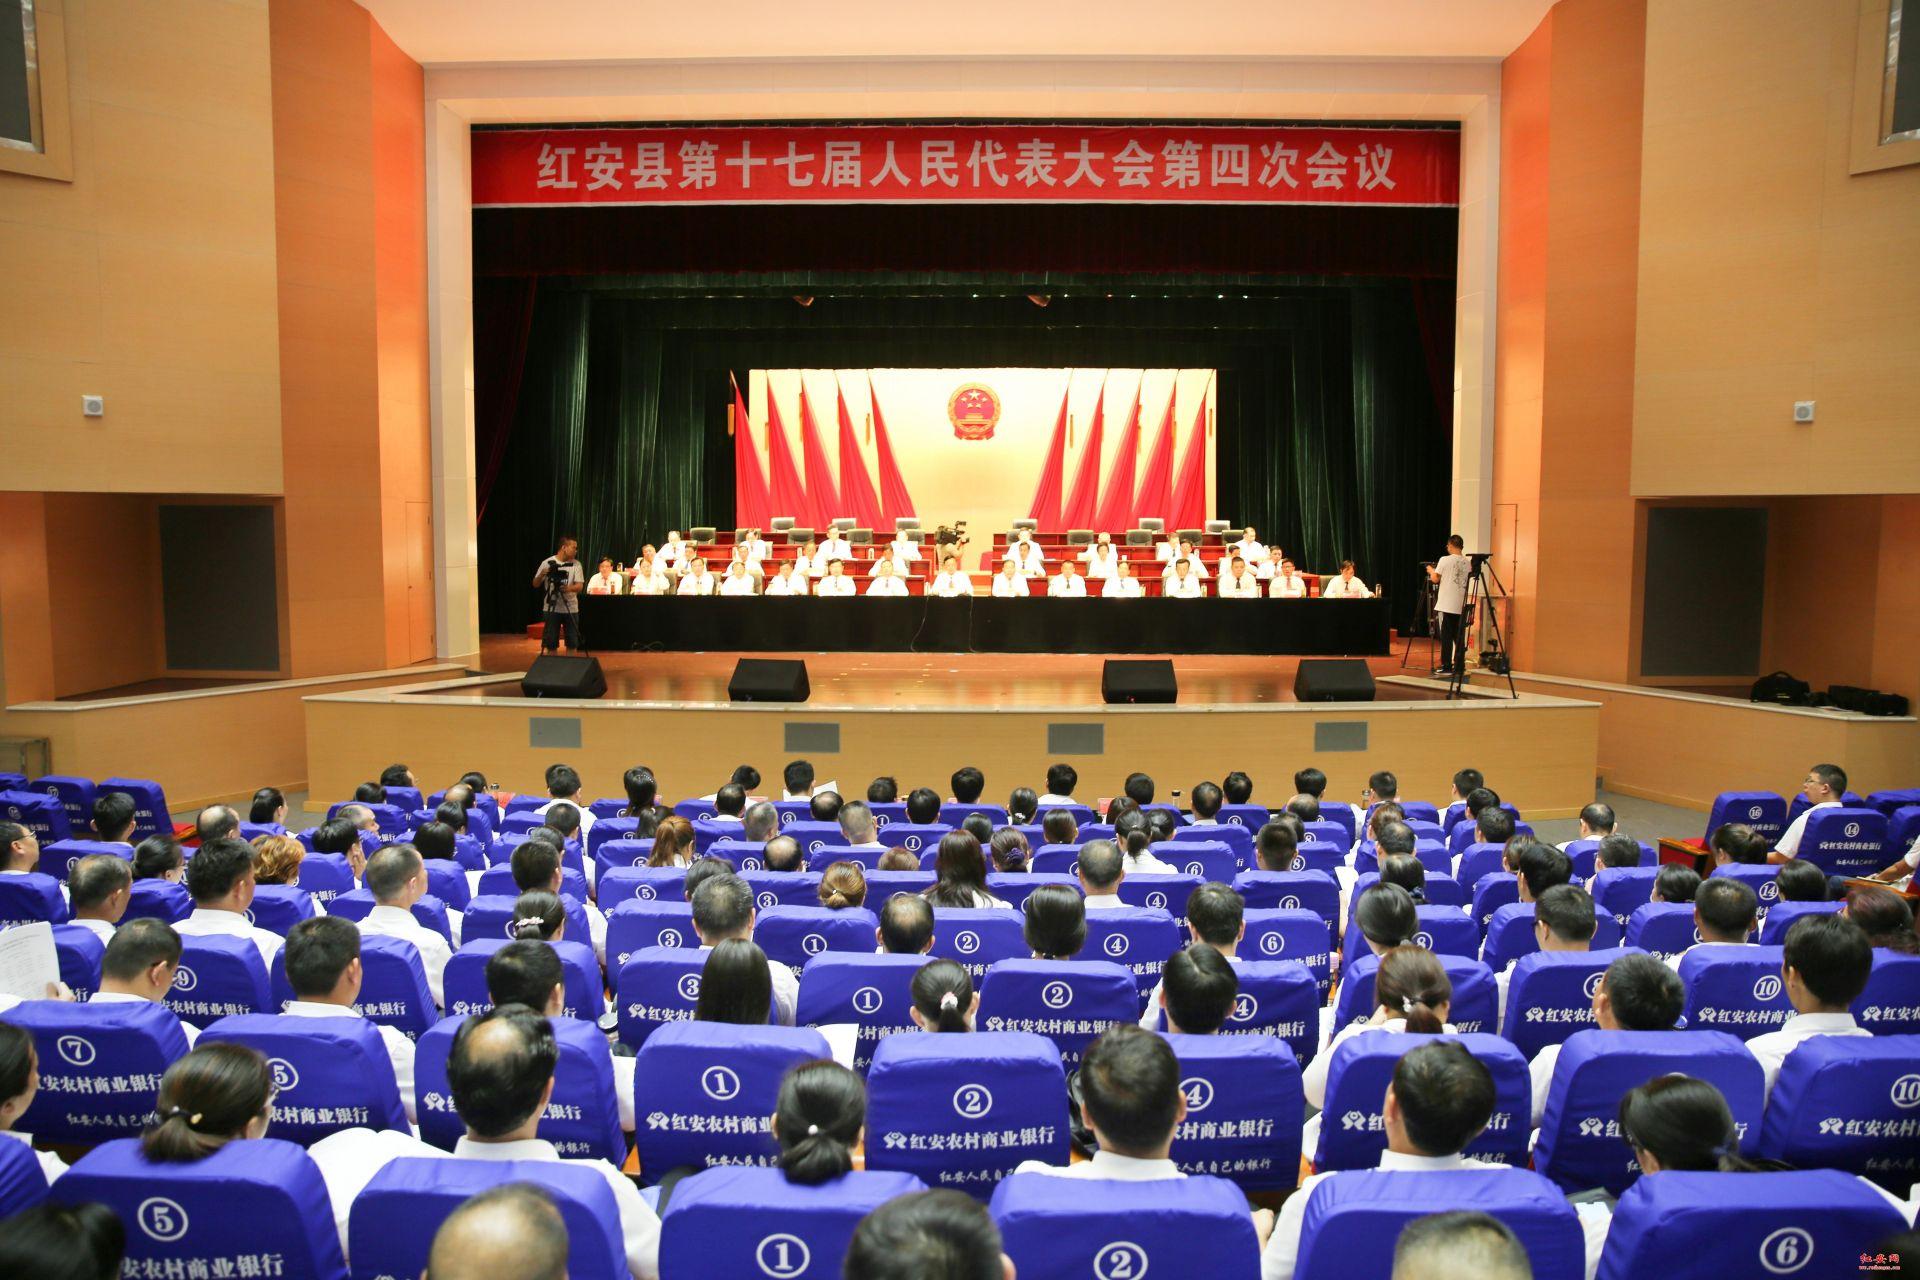 紅安縣第十七屆人民代表大會第四次會議開幕